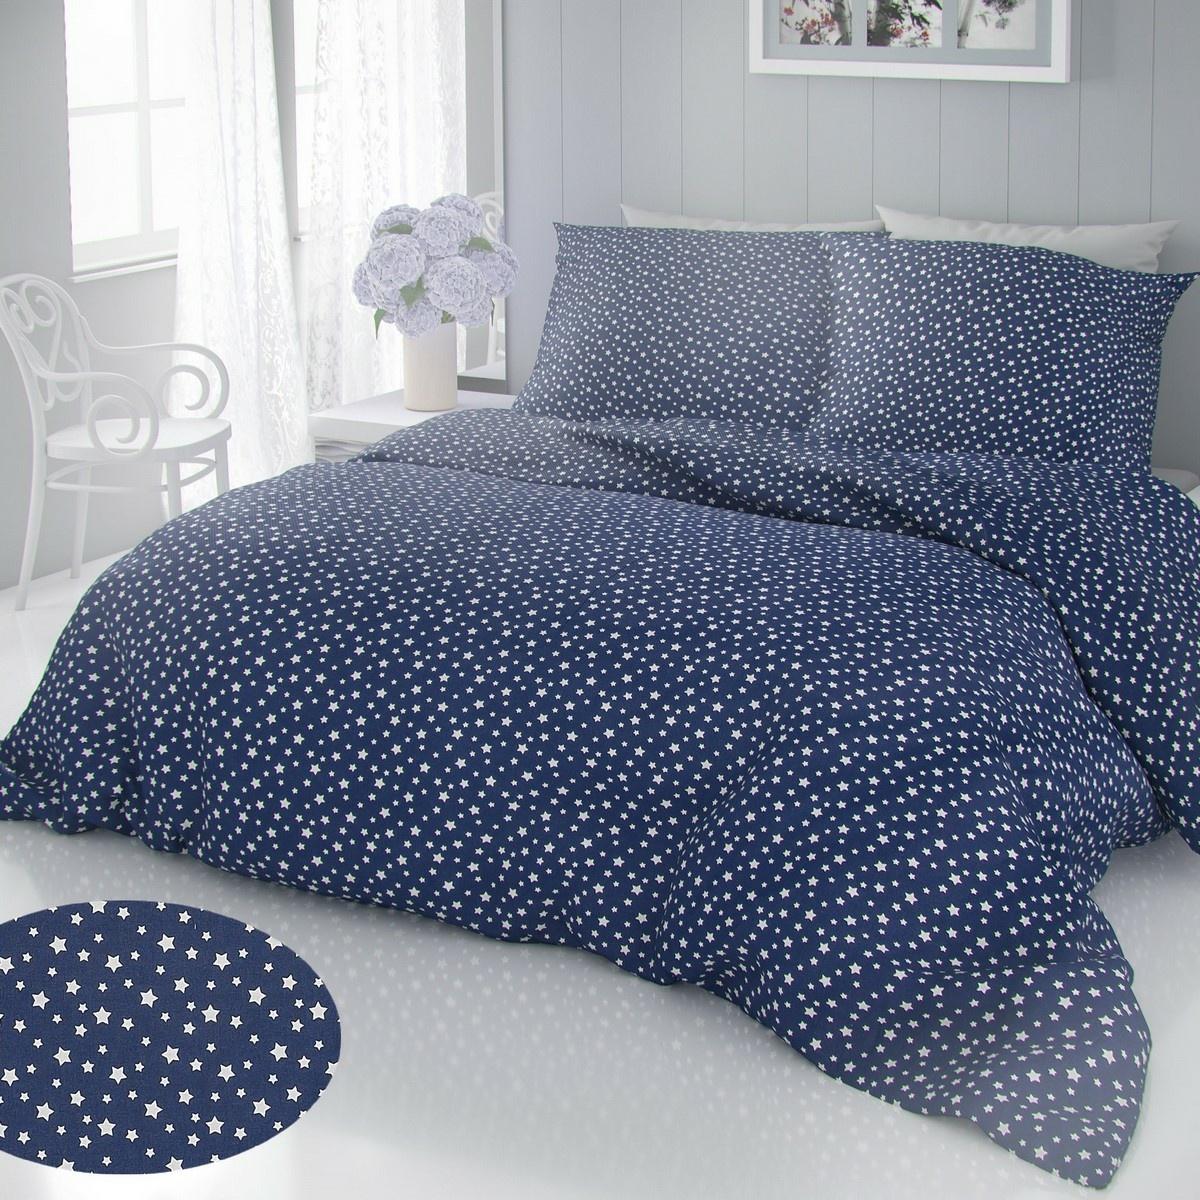 Kvalitex Bavlněné povlečení Hvězdy modrá, 140 x 220 cm, 70 x 90 cm